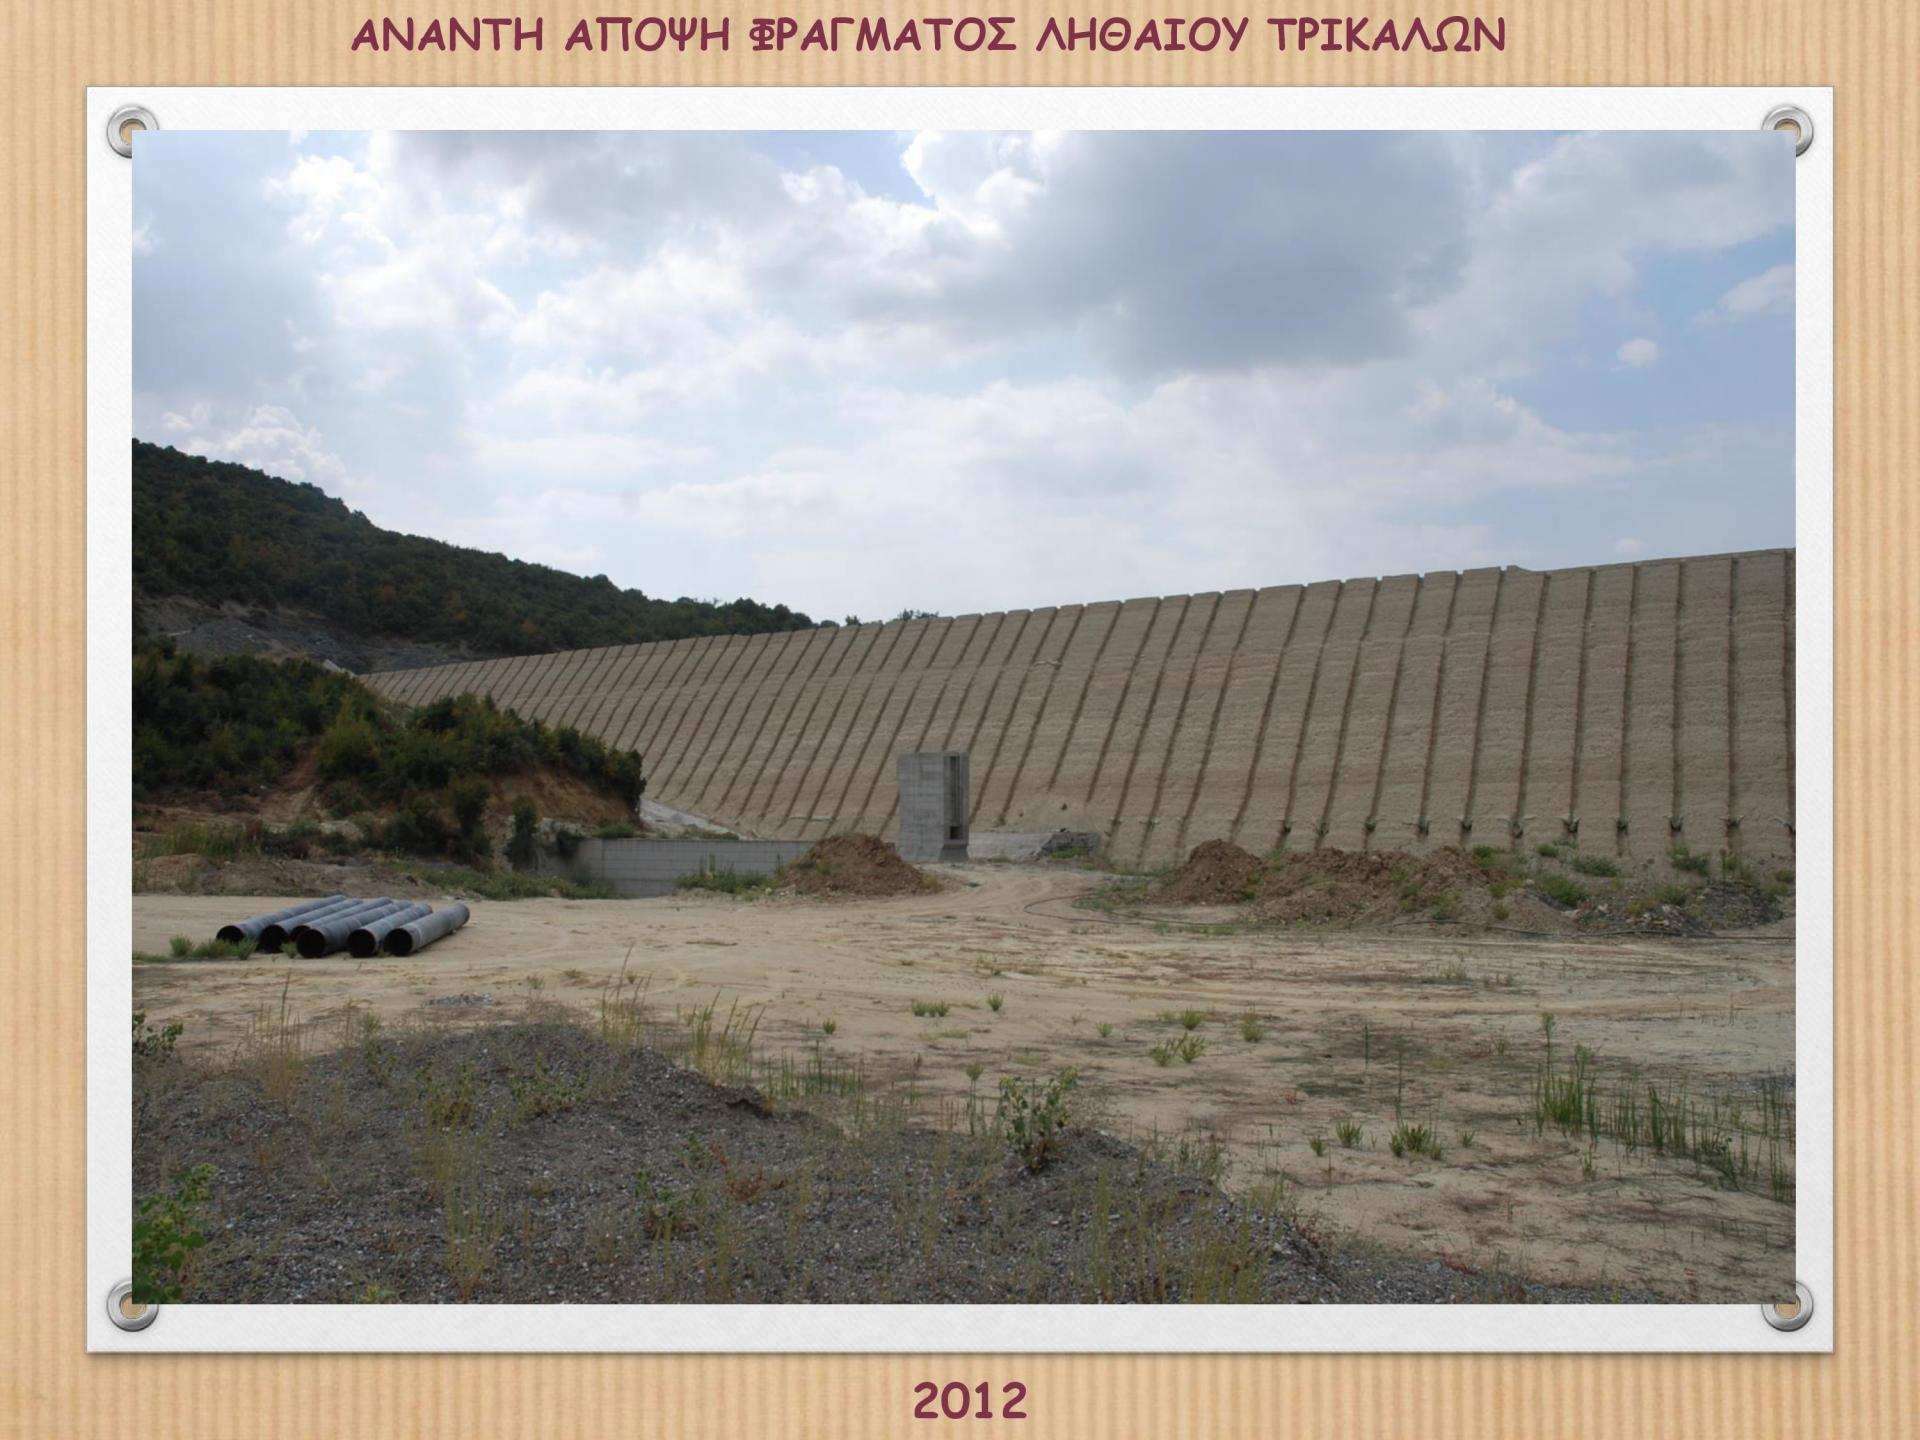 2001 - 2012 Φωτογραφίες Φράγματος Ληθαίου